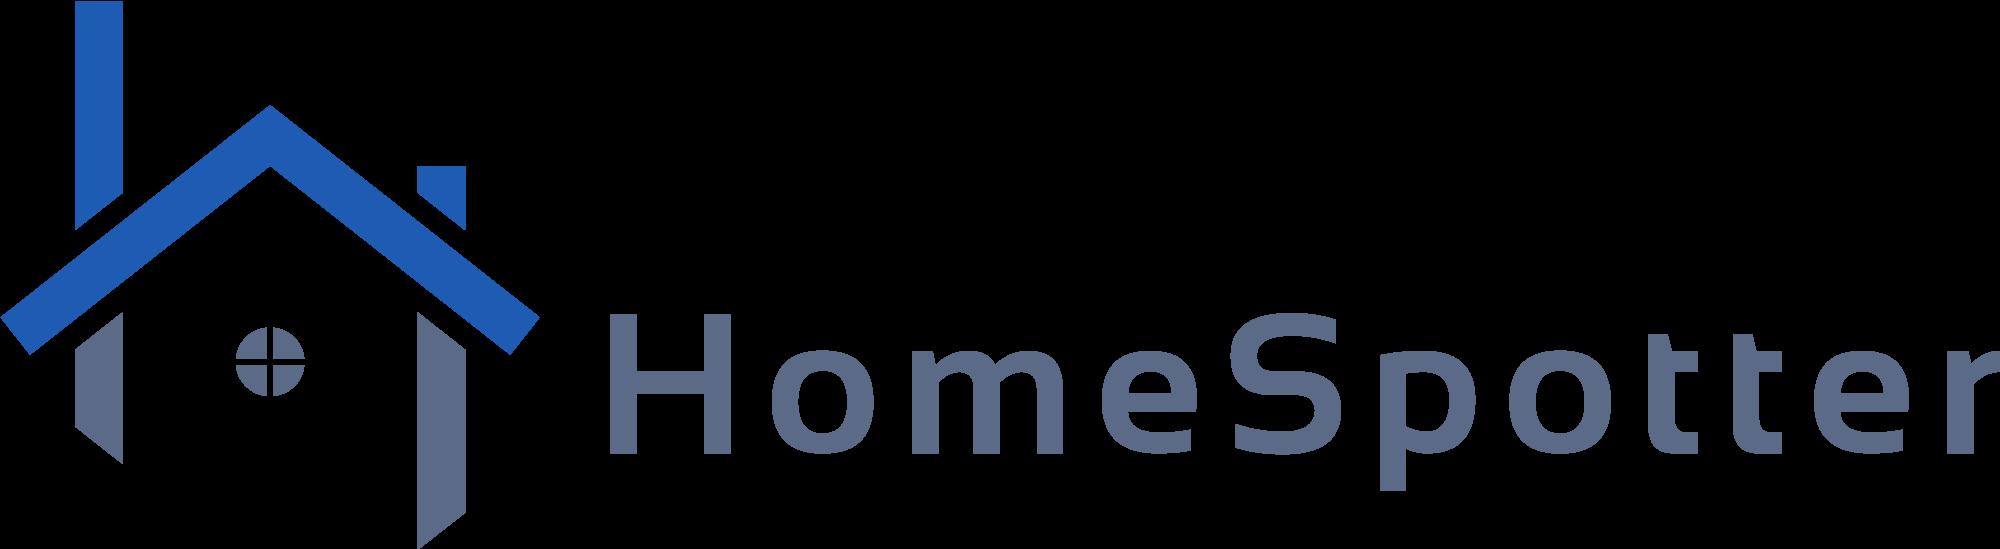 HomeSpotter Logga